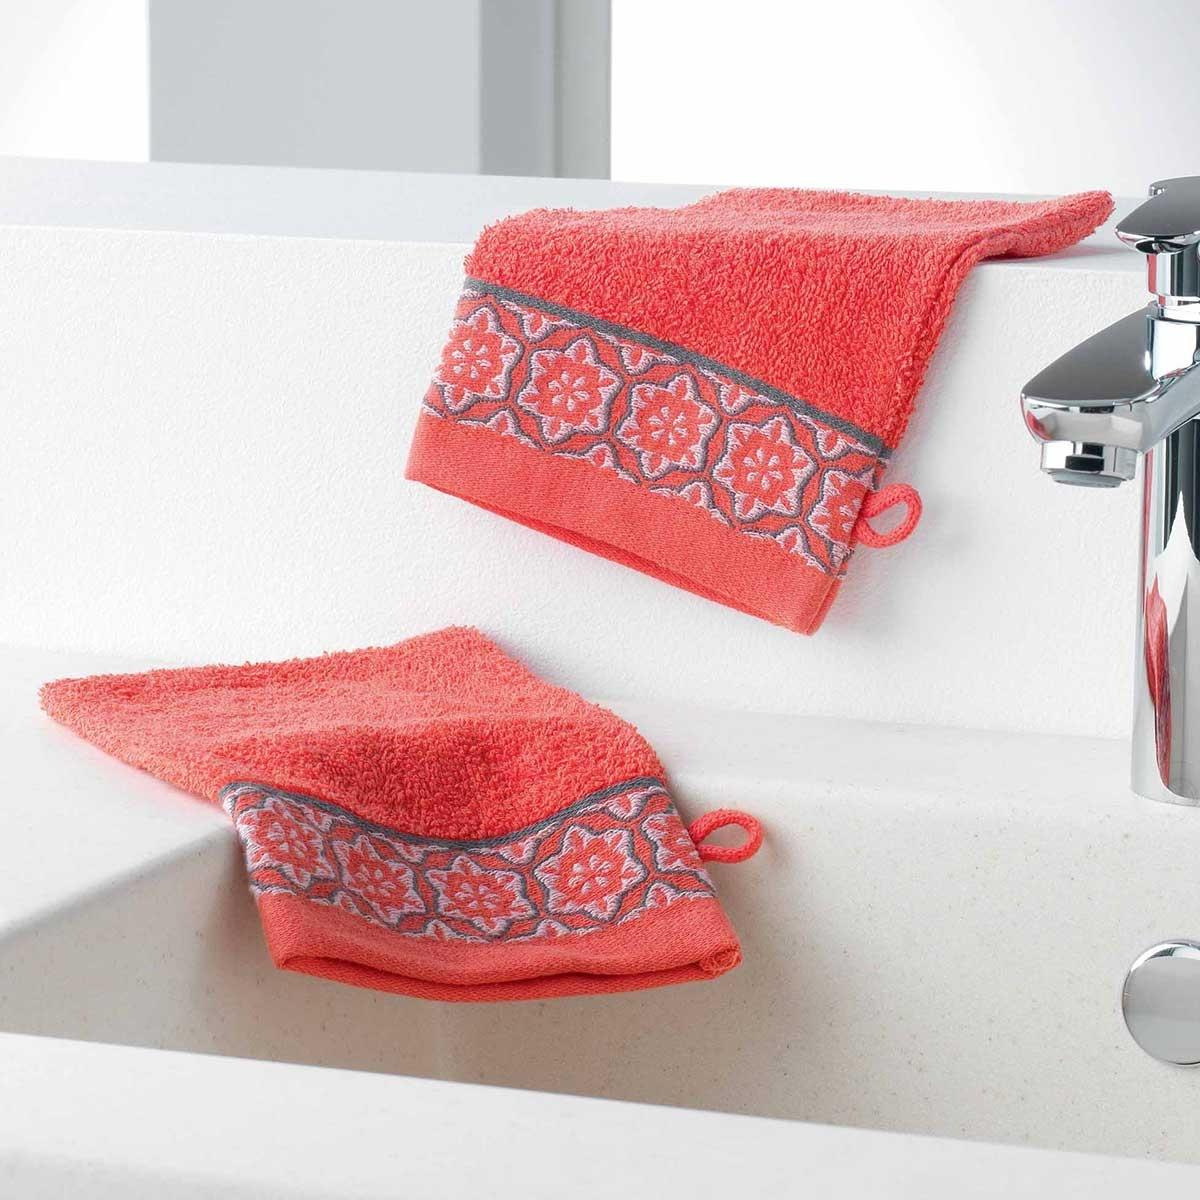 Gants de Toilette en Eponge Unie avec Liteau Jacquard (Corail)